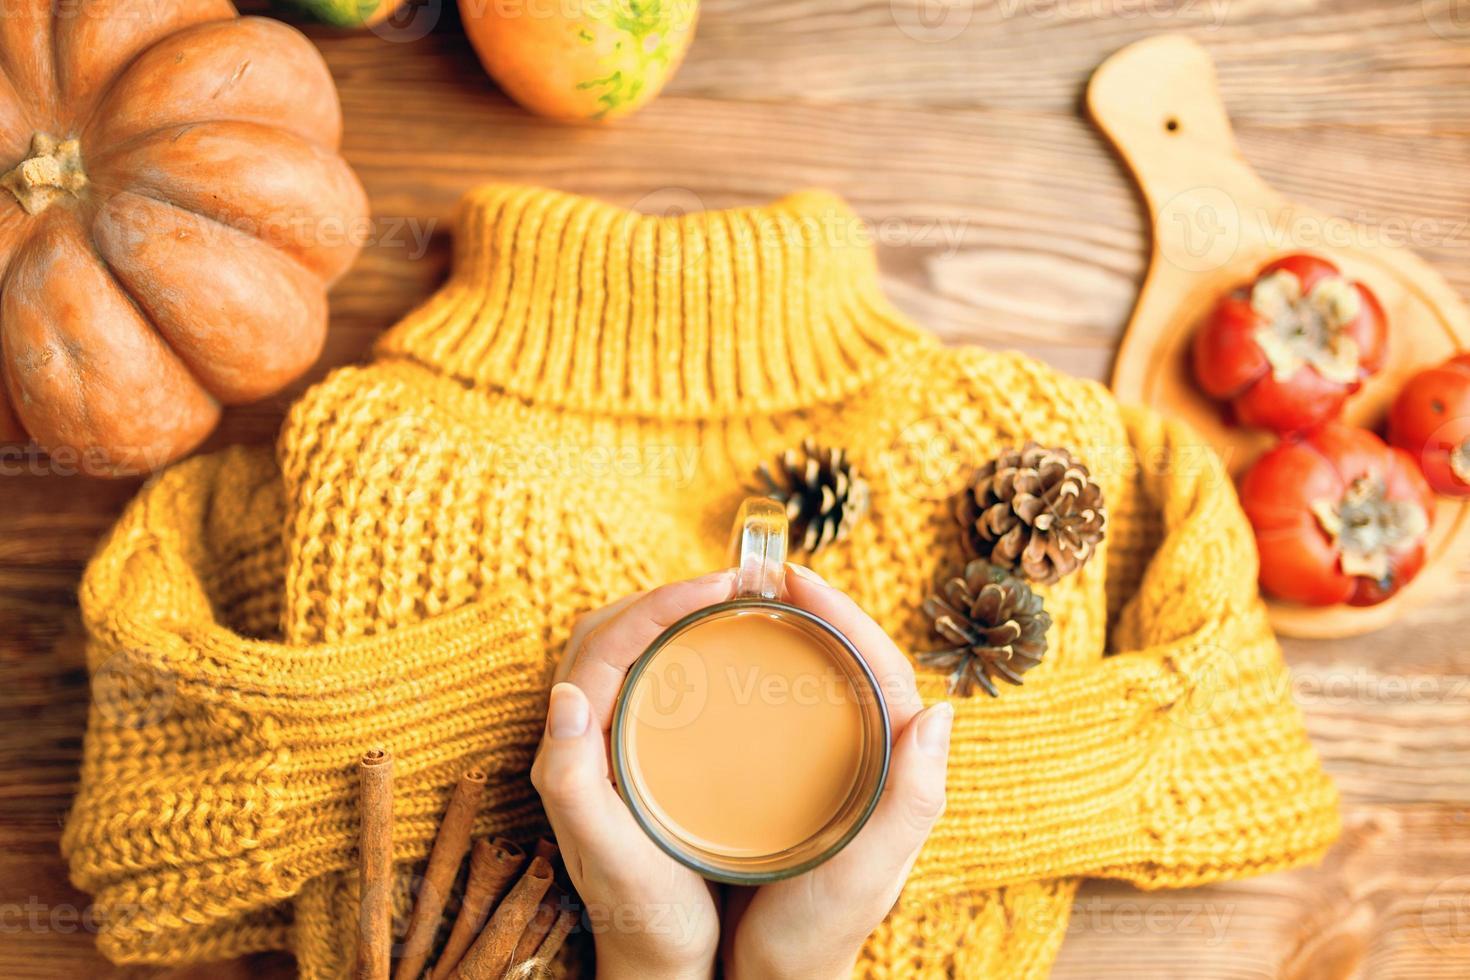 chocolate quente nas mãos, pinhas e paus de canela no suéter de malha. foto